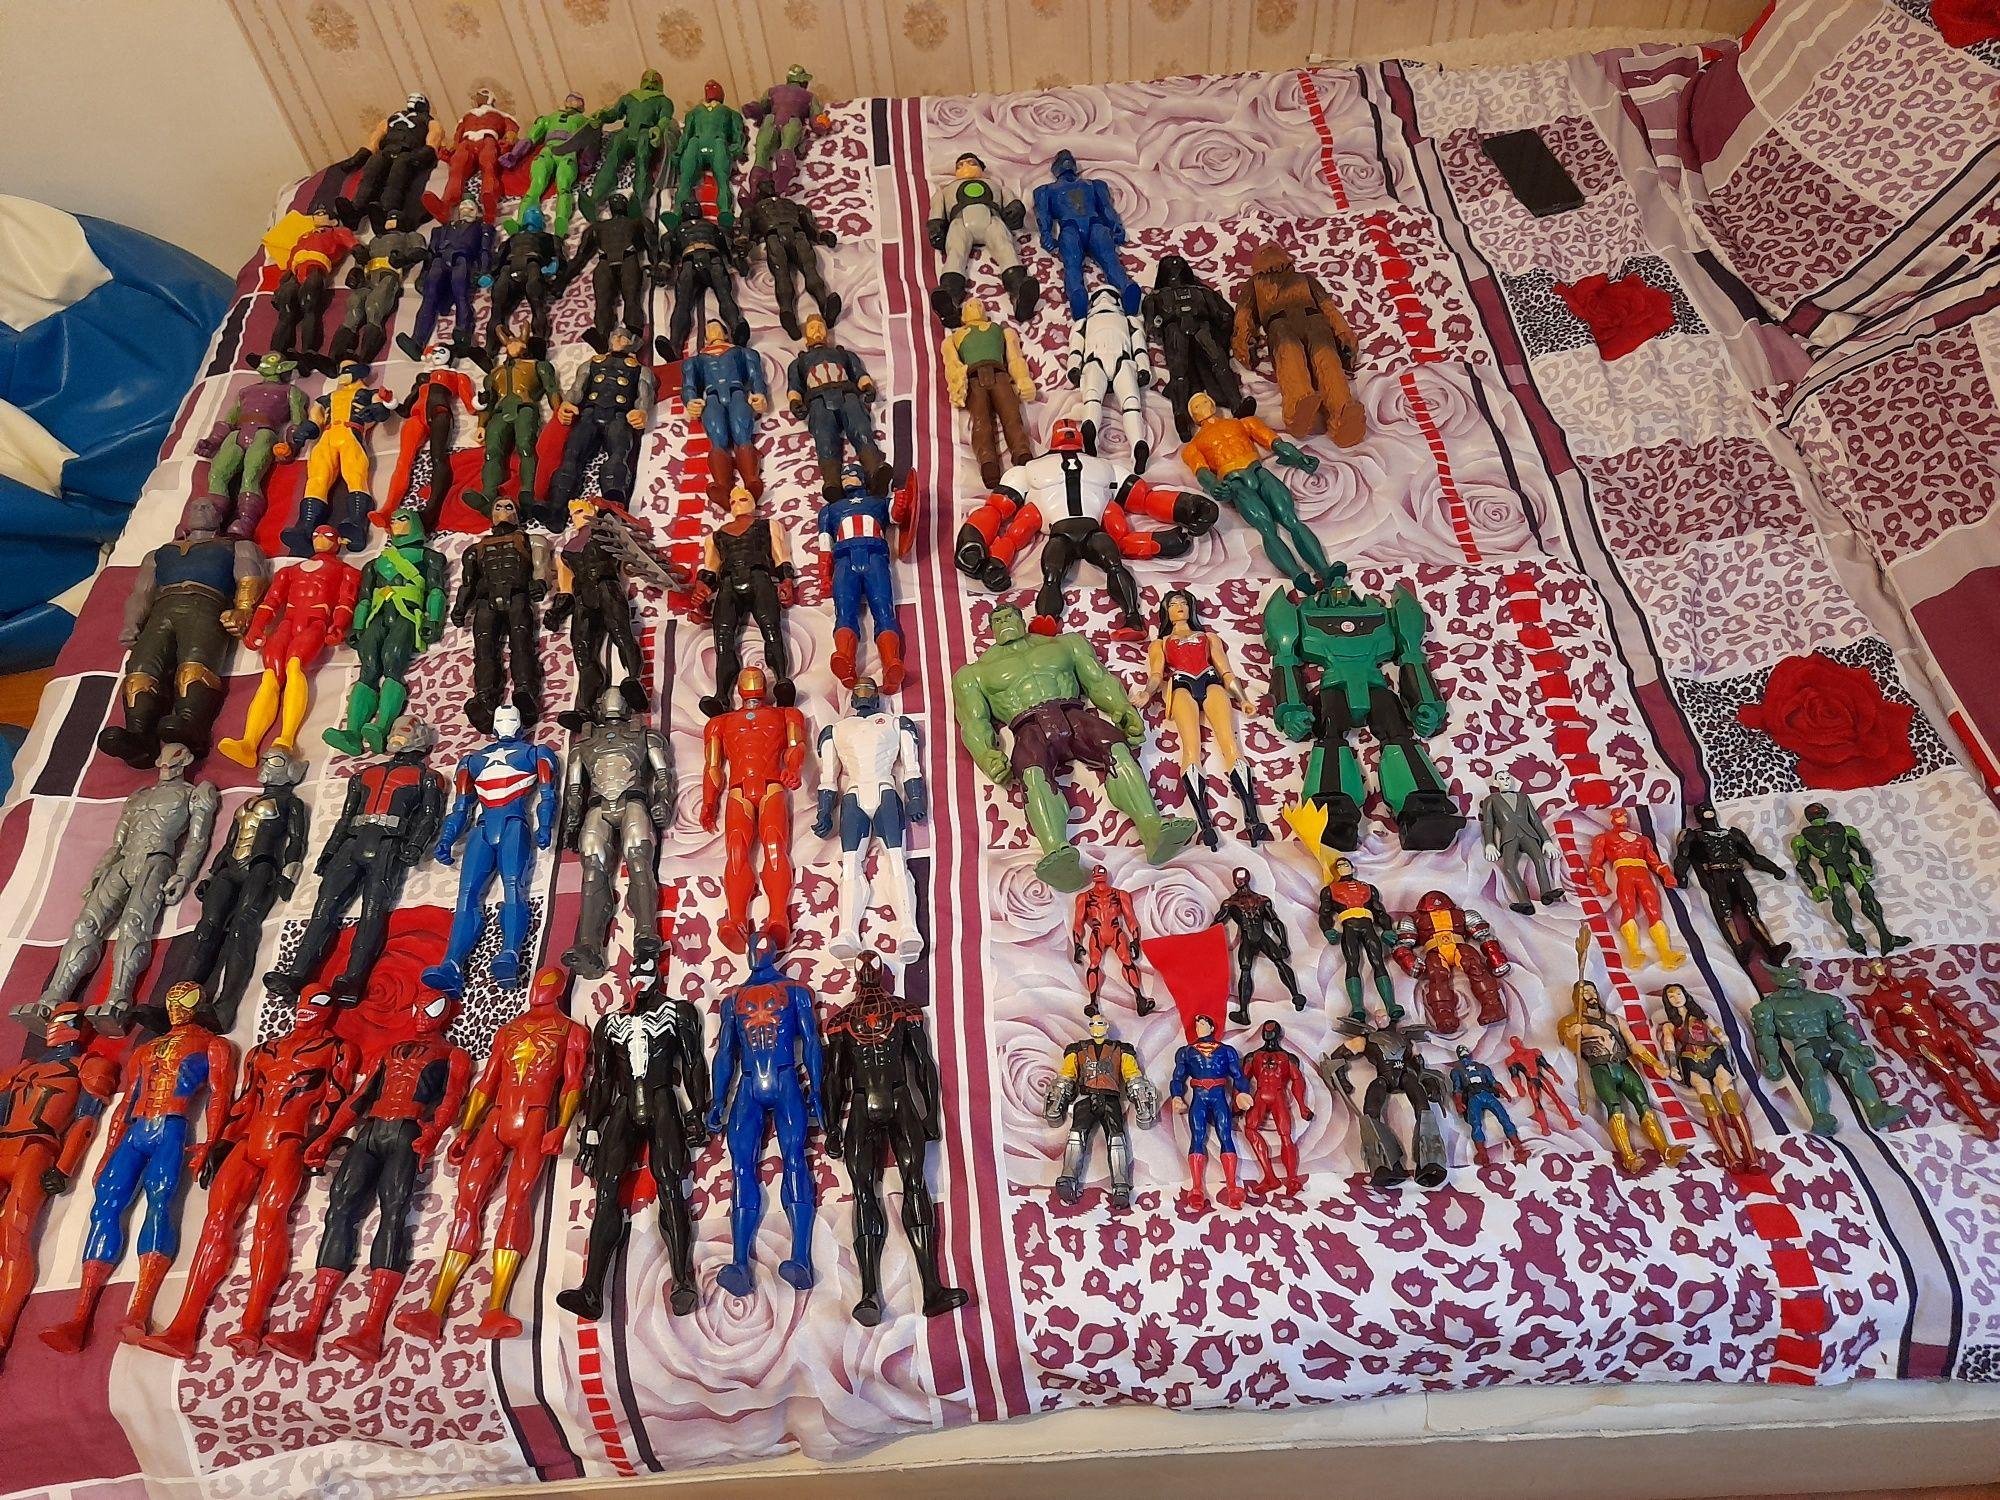 VAND FIGURINE Marvel colectie